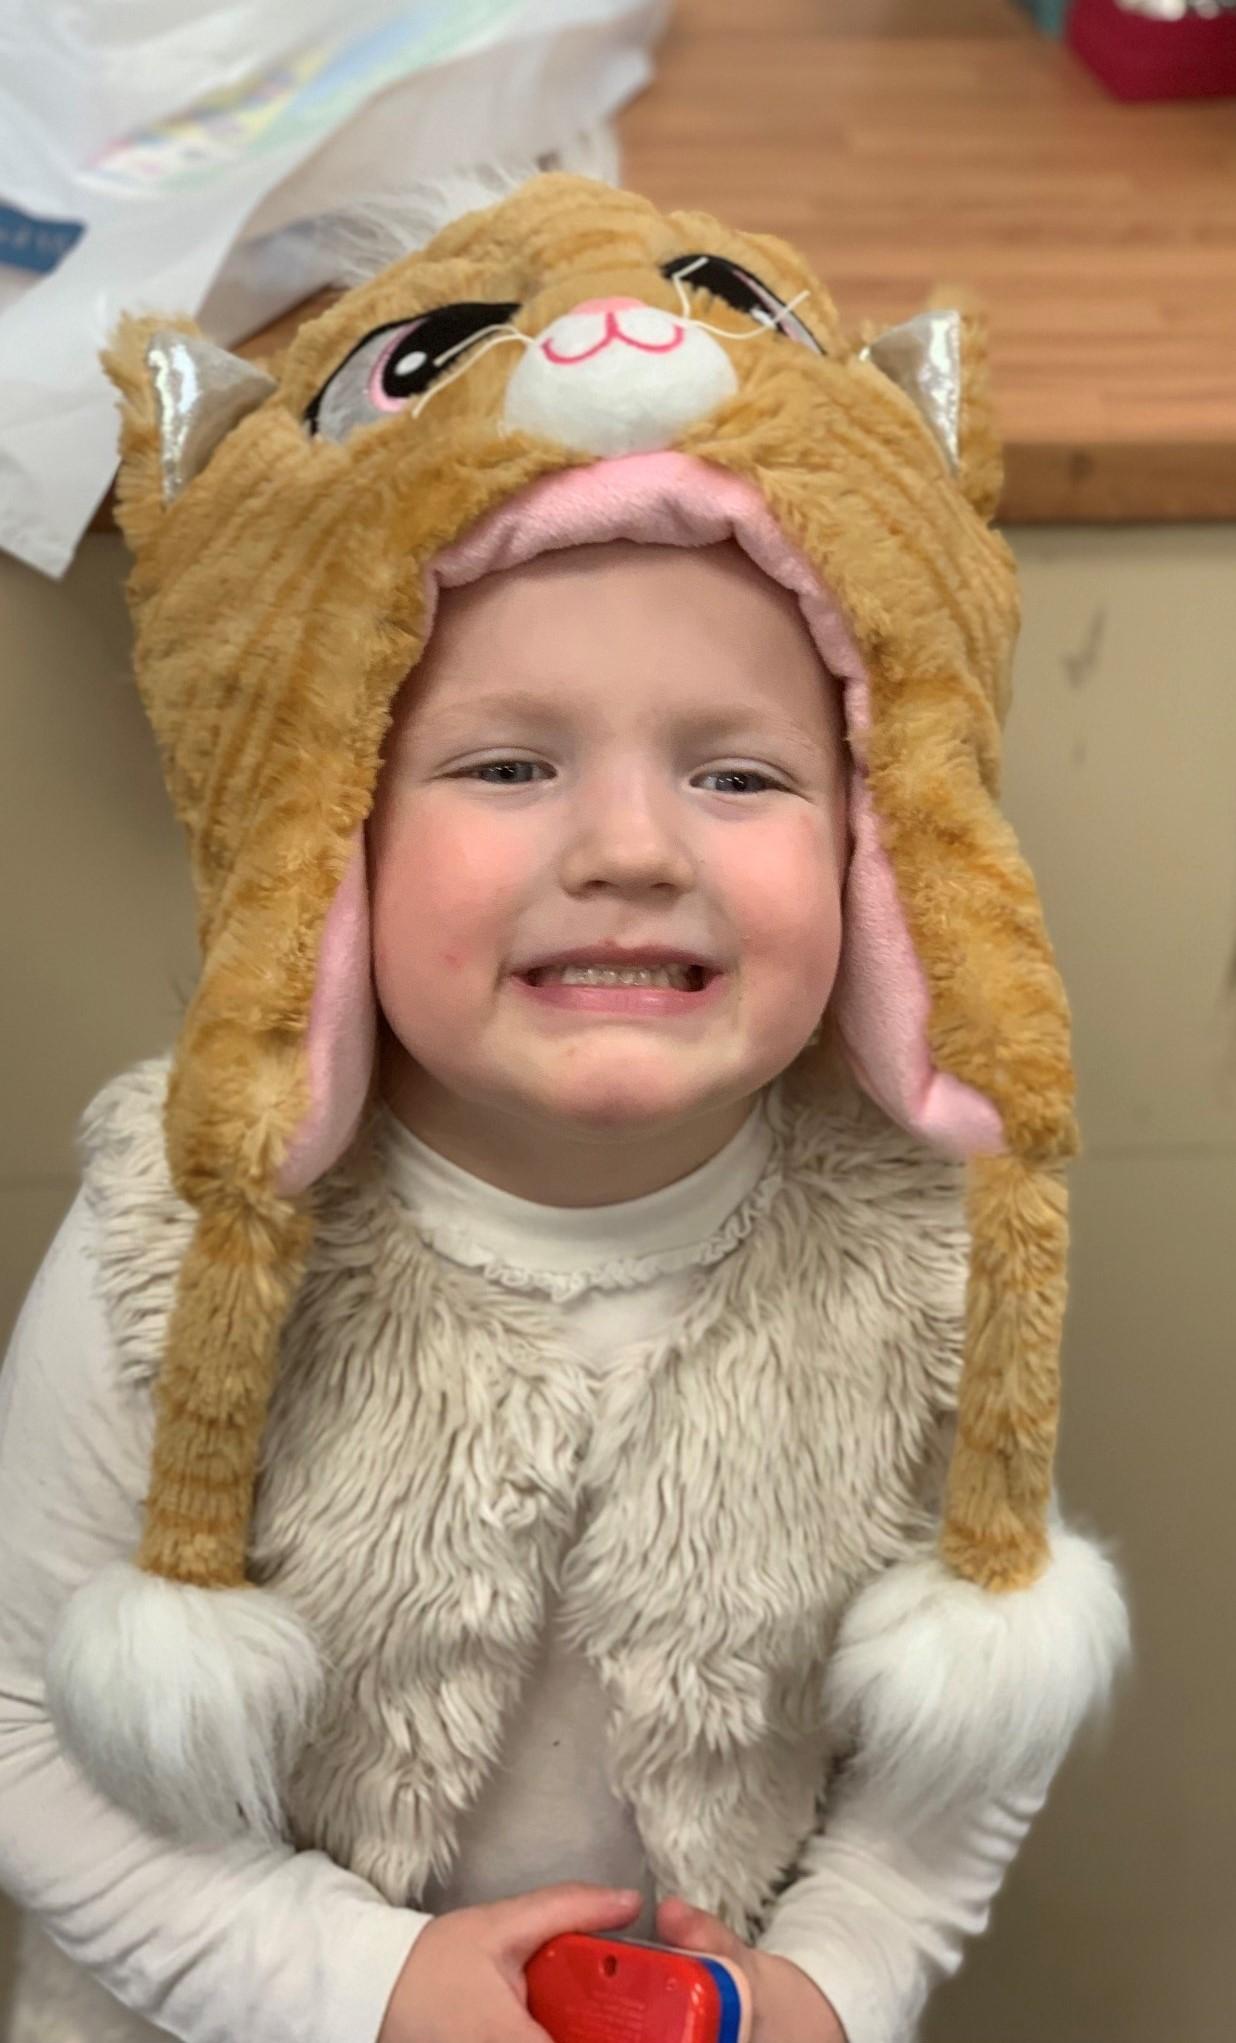 Brave like a lion: Evana